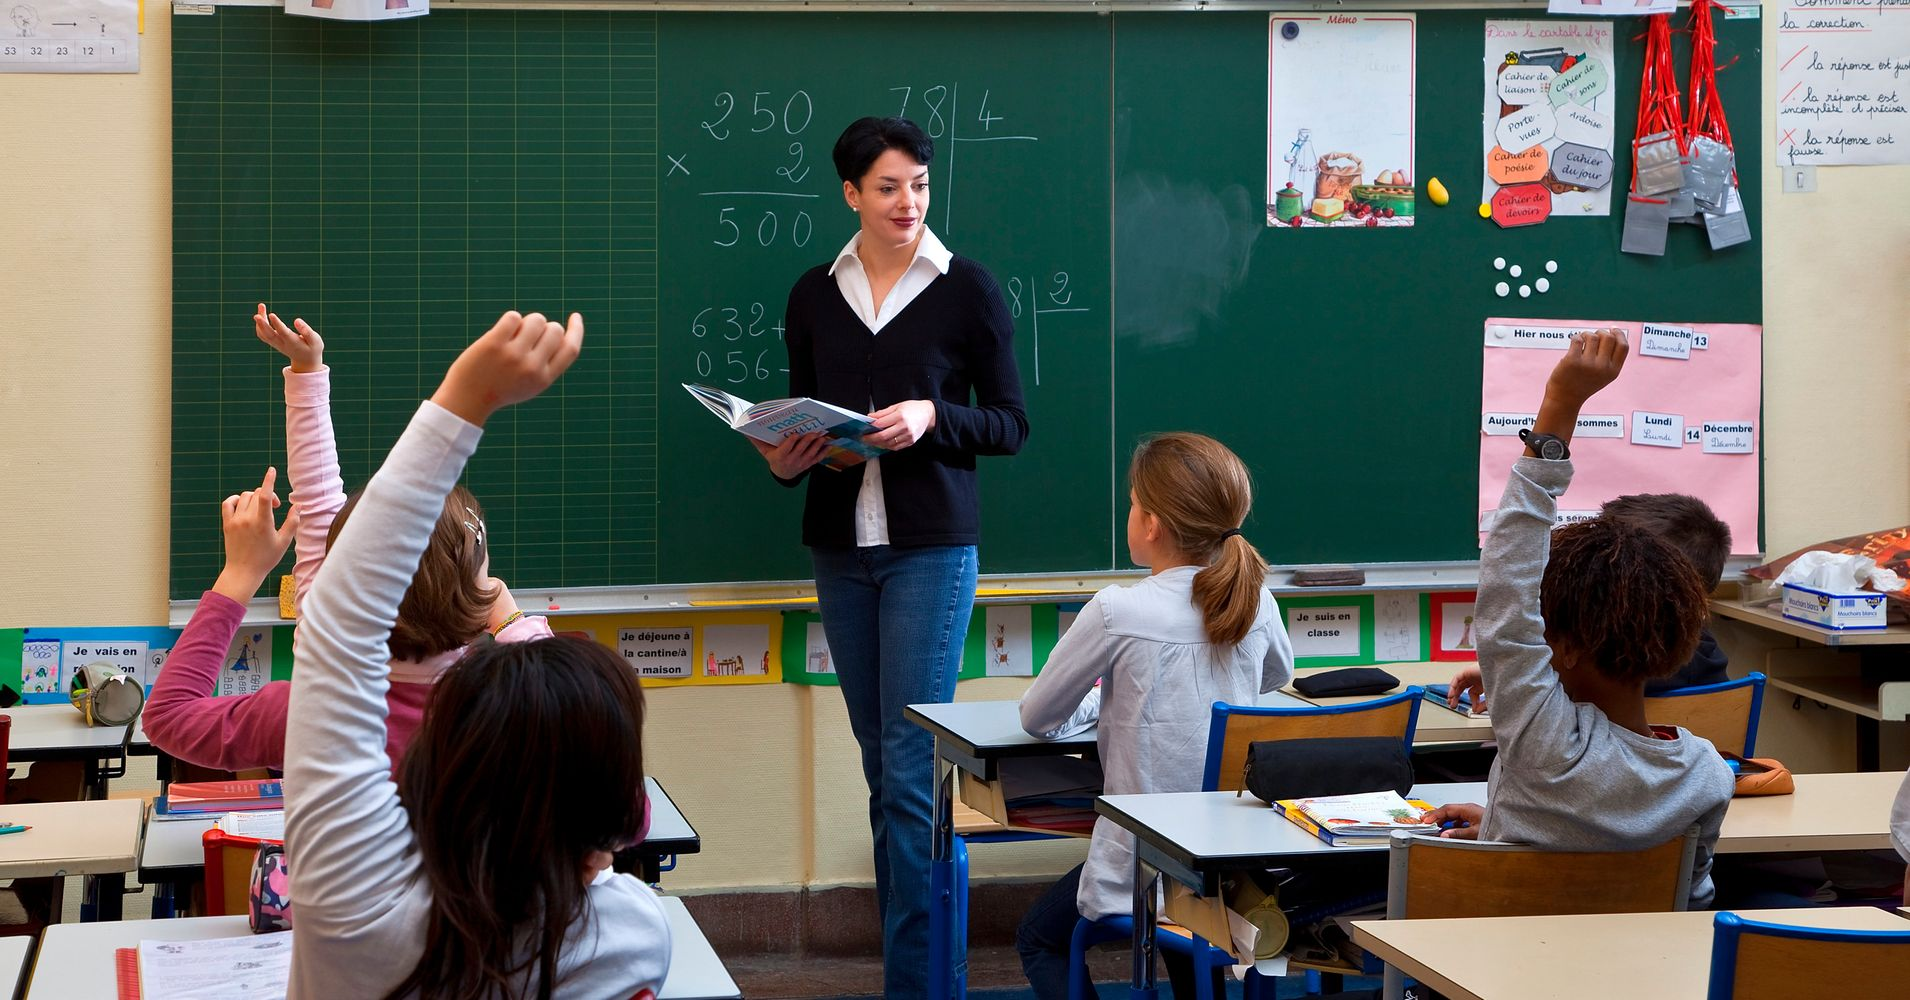 classroom teachers parents teacher students student help need 1910 supplies huffpost